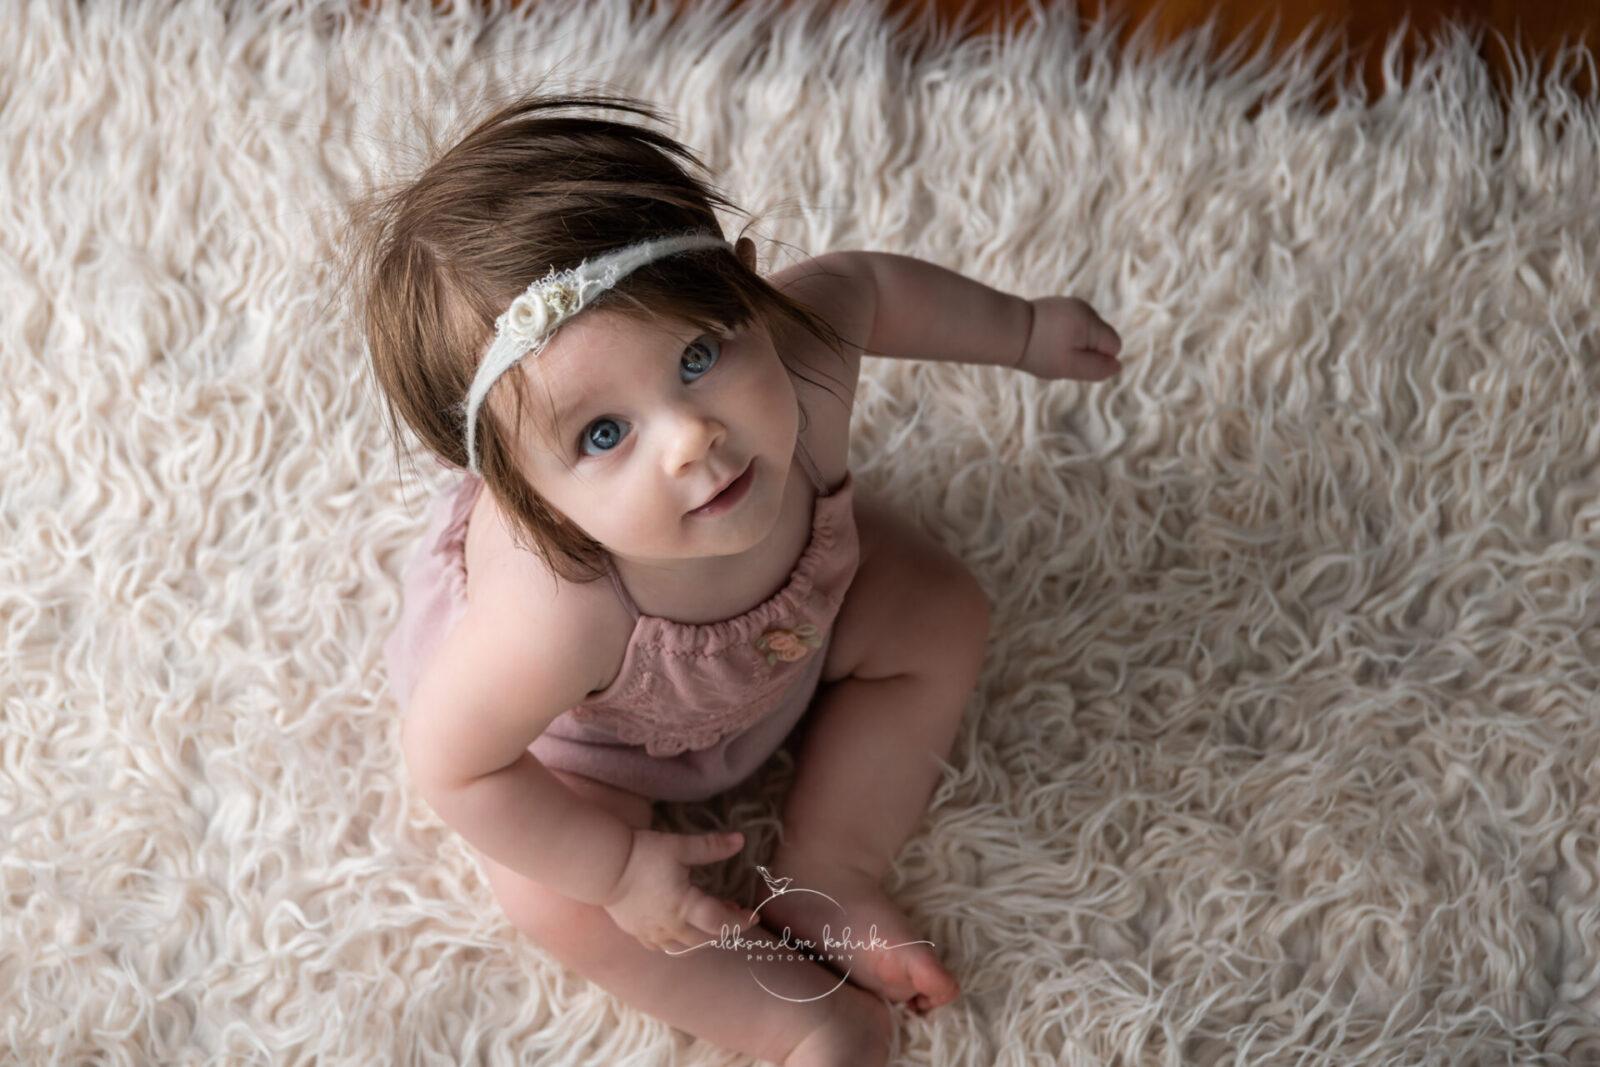 Babyshooting; Neugeborenenshooting; Newbornshooting; Neugeborenenfotograf; Fotograf Rapperswil Jona; Fotostudio Rapperswil Jona; Babyfotograf; Familienshooting